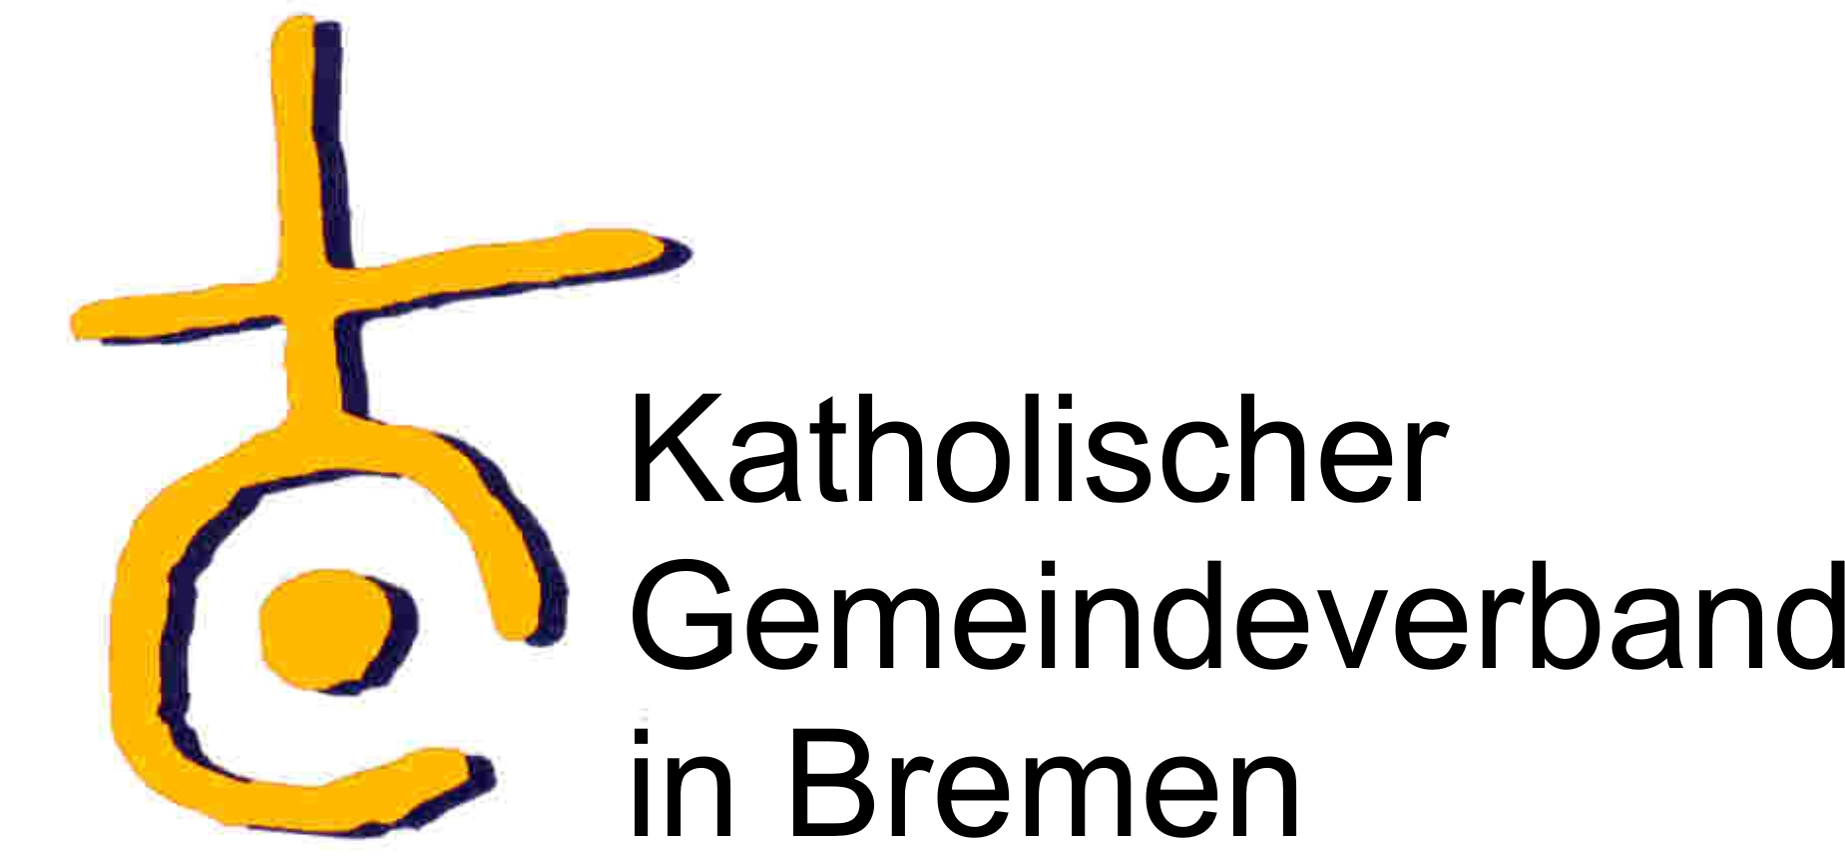 Katholischer Gemeindeverband in Bremen